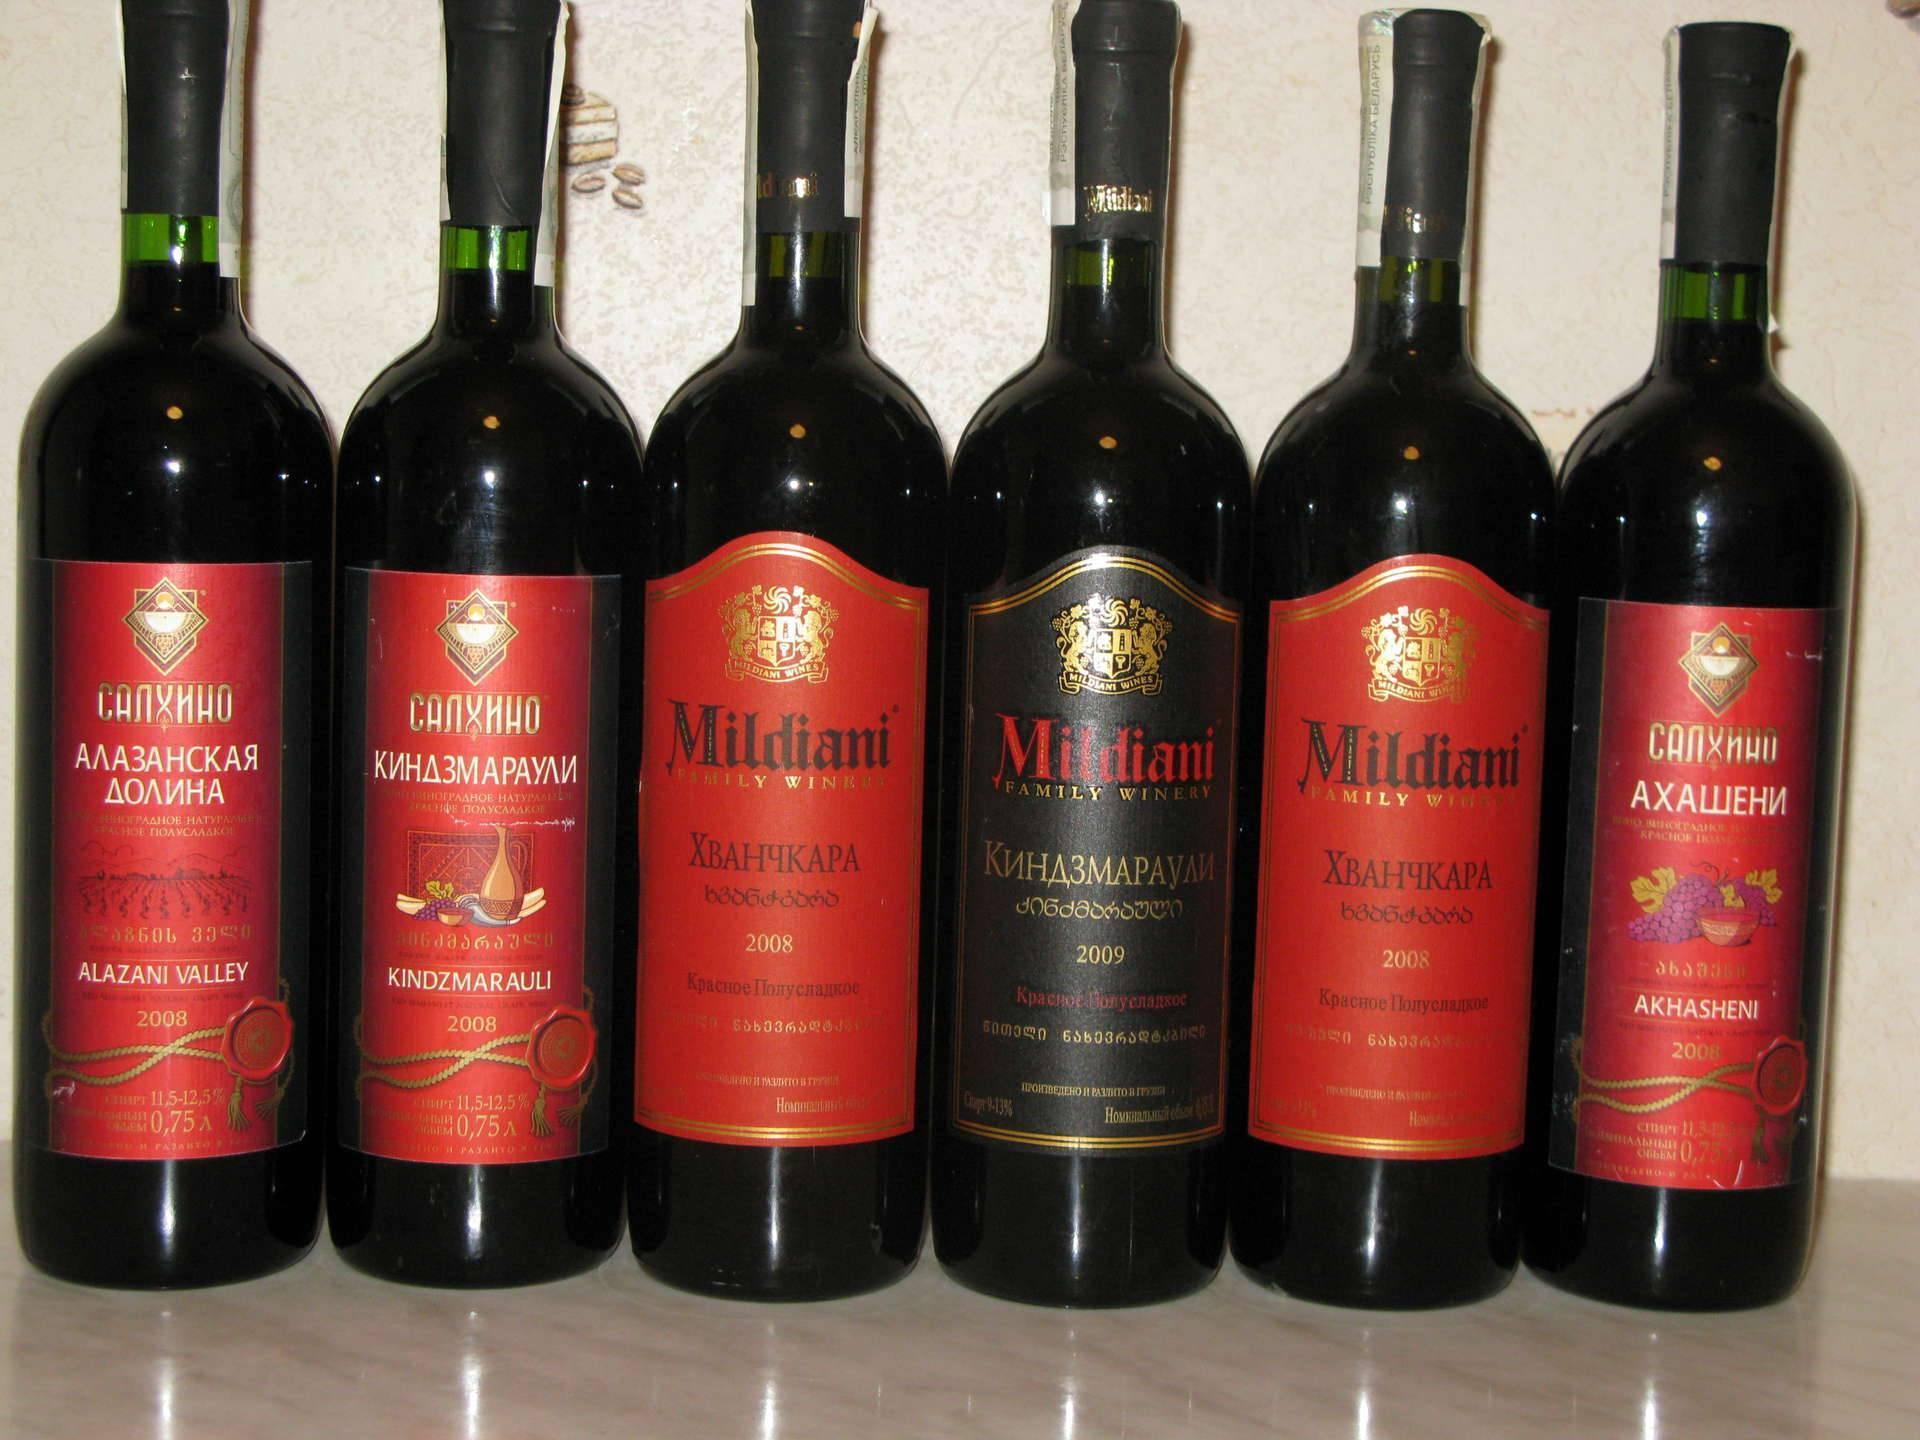 Грузинские вина: список названий популярных сортов из грузии и их описание - классификация